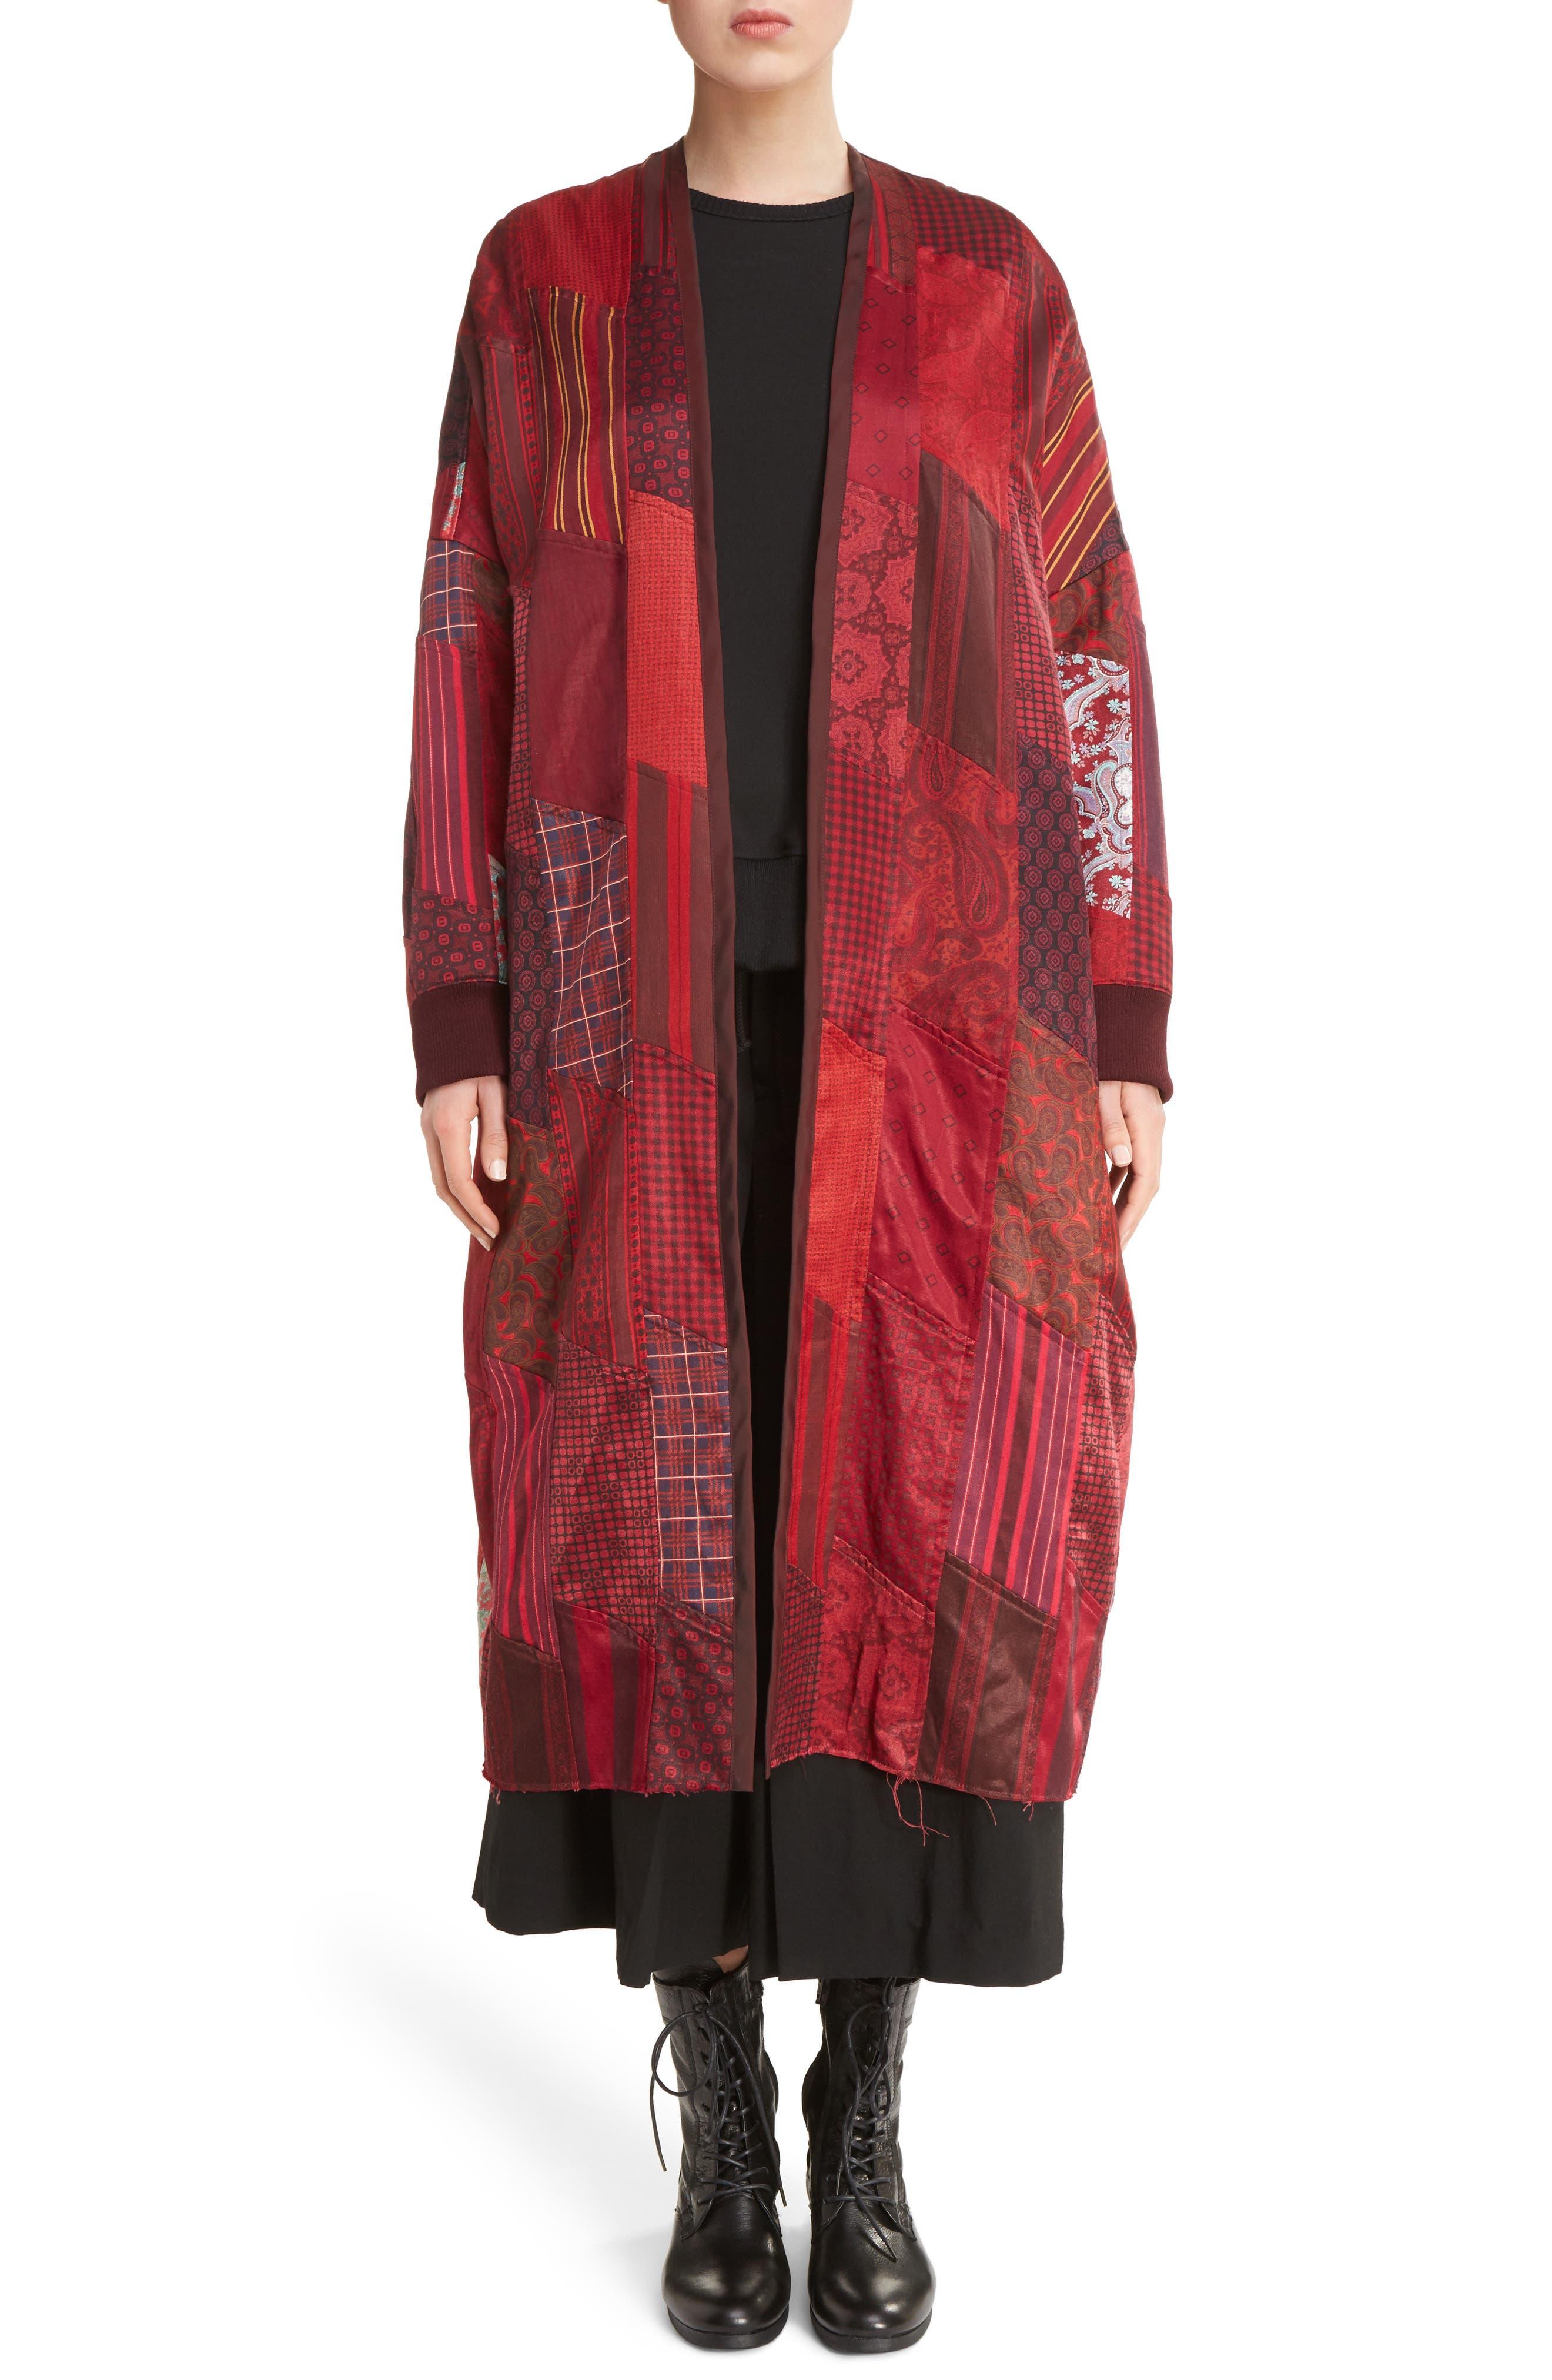 K Bottom Pleated Dress,                             Alternate thumbnail 8, color,                             001